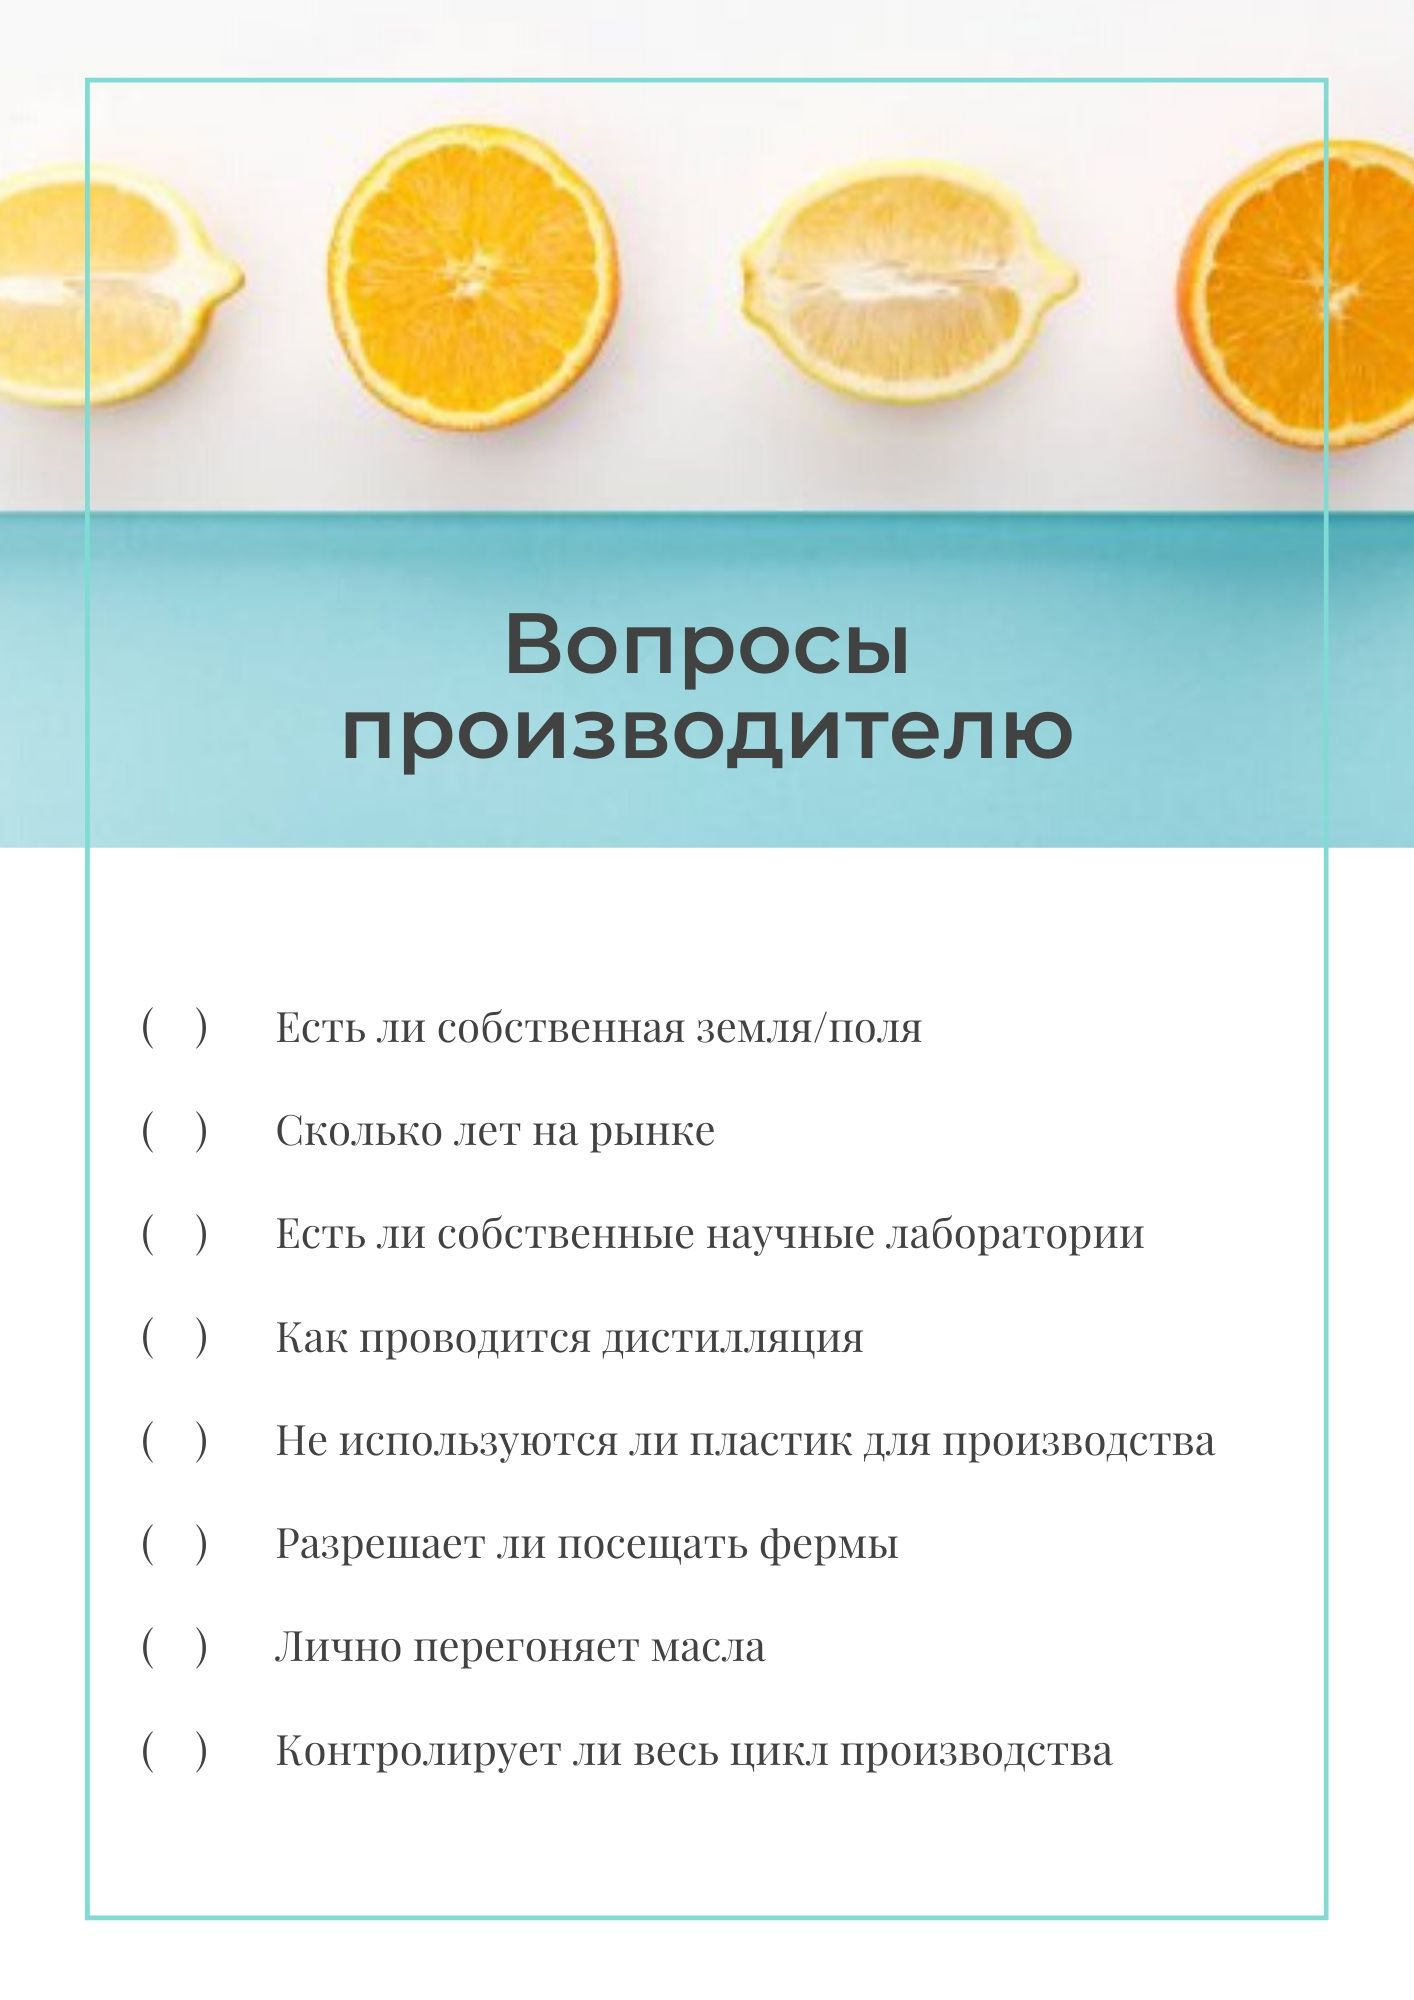 Чек-лист для проверки качества аромамасла: